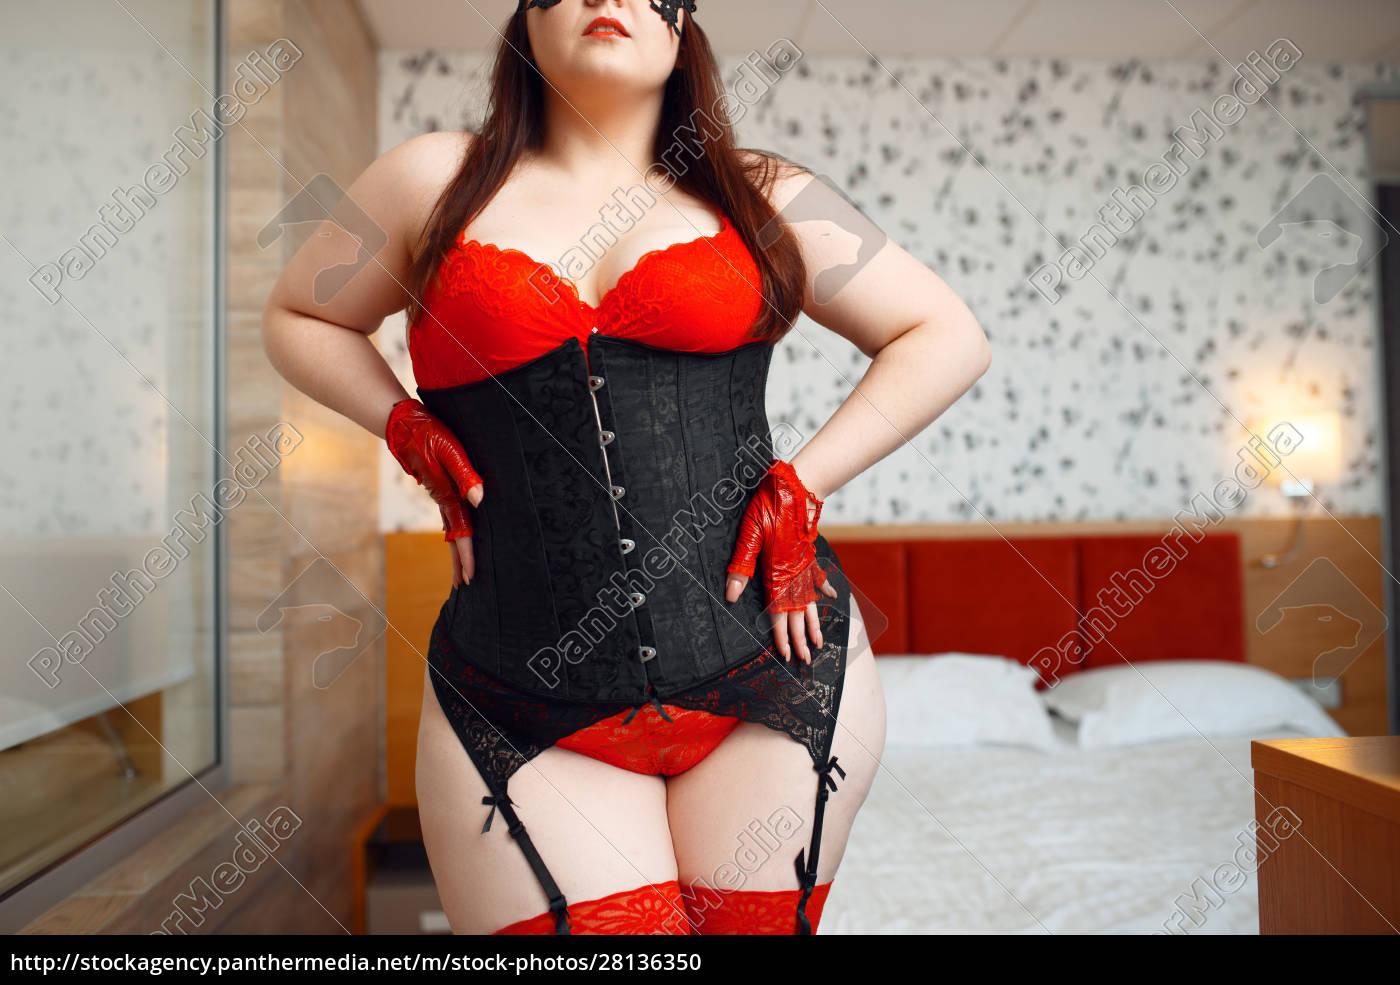 fette, frau, in, schwarz, und, rot - 28136350